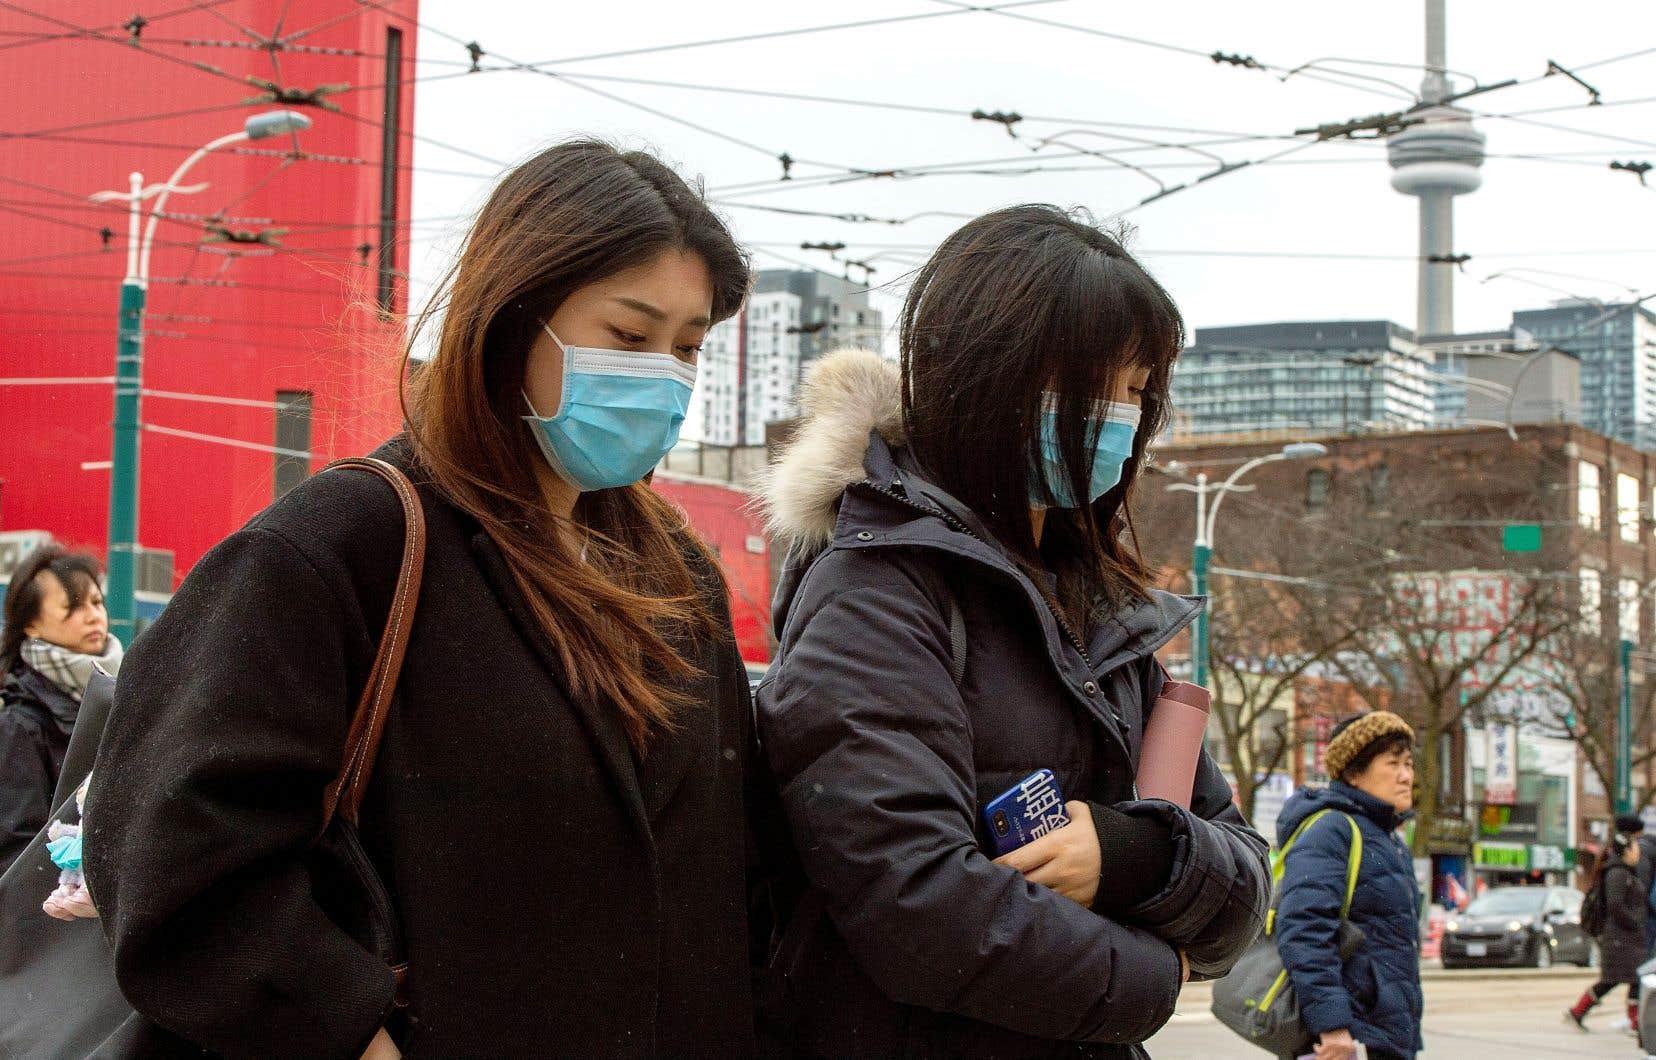 Les autorités sanitaires du Canada ont confirmé qu'à Toronto, un homme arrivant de Chine a été contaminé par le coronavirus. Un test préliminaire réalisé sur sa conjointe, qui était du voyage, s'est révélé positif. Sur notre photo, deux personnes d'origine asiatique marchent au centre-ville de Toronto.